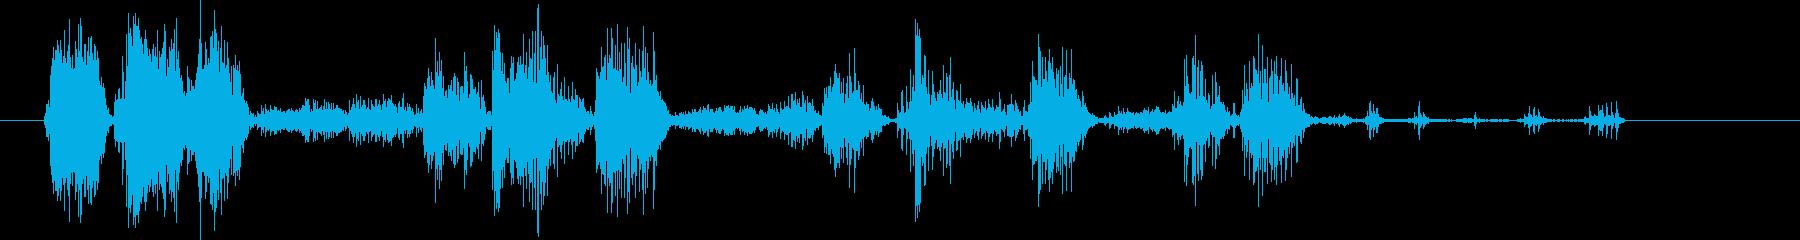 ライオンのar音。重いうなり声とう...の再生済みの波形